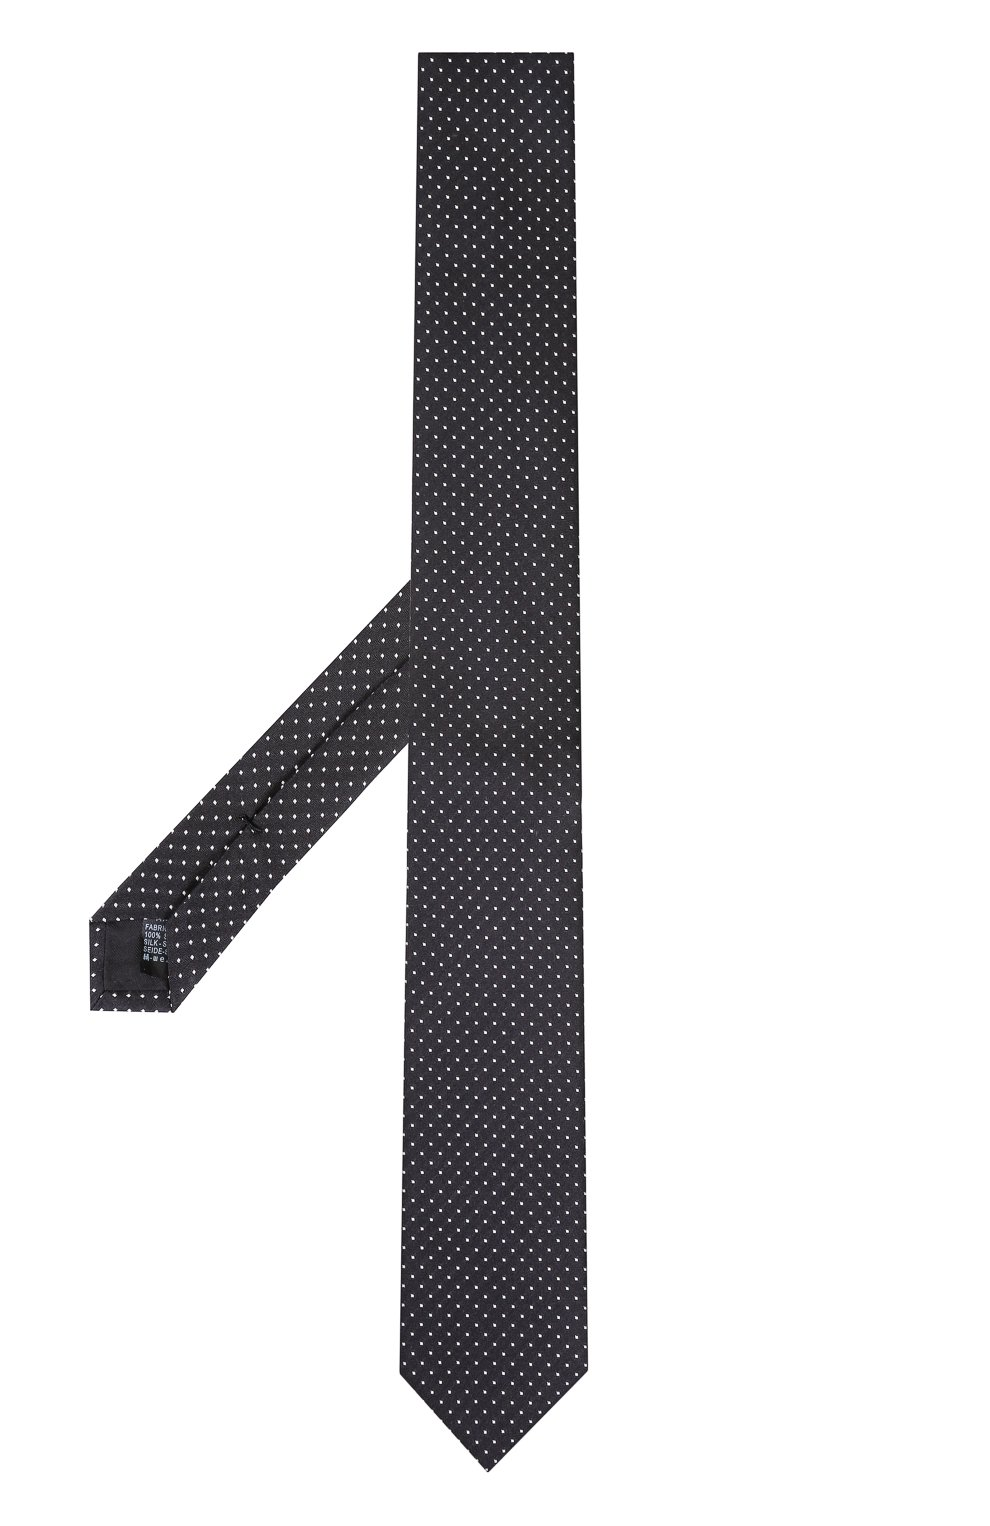 Шелковый галстук Dolce & Gabbana черного цвета | Фото №2